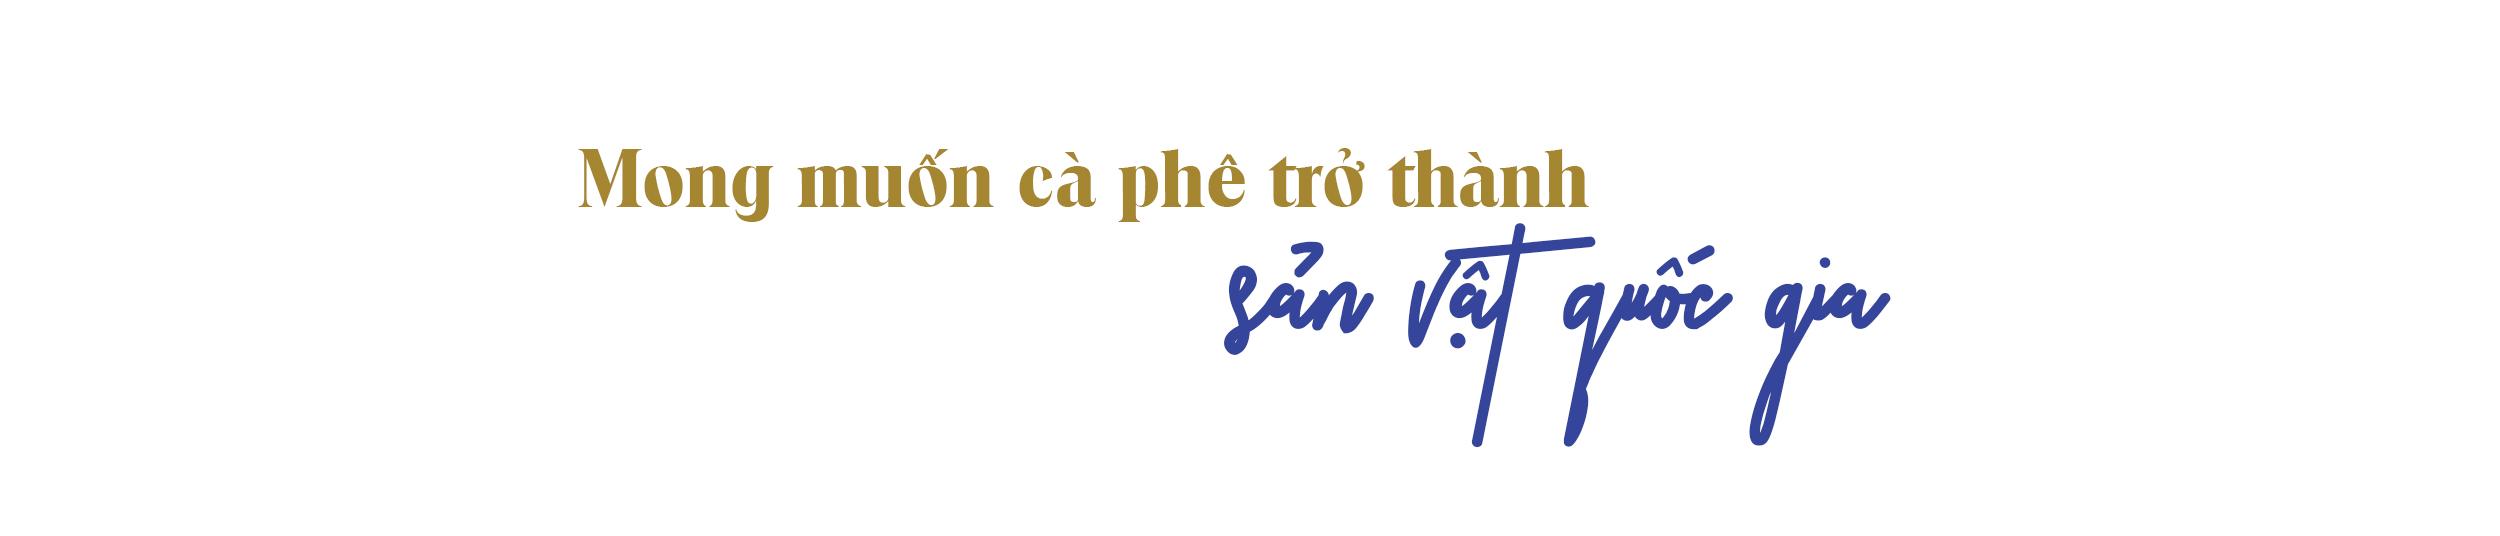 Nhà sáng lập SHIN Cà Phê Nguyễn Hữu Long: Hành trình nâng tầm cà phê thành sản vật quốc gia - Ảnh 8.